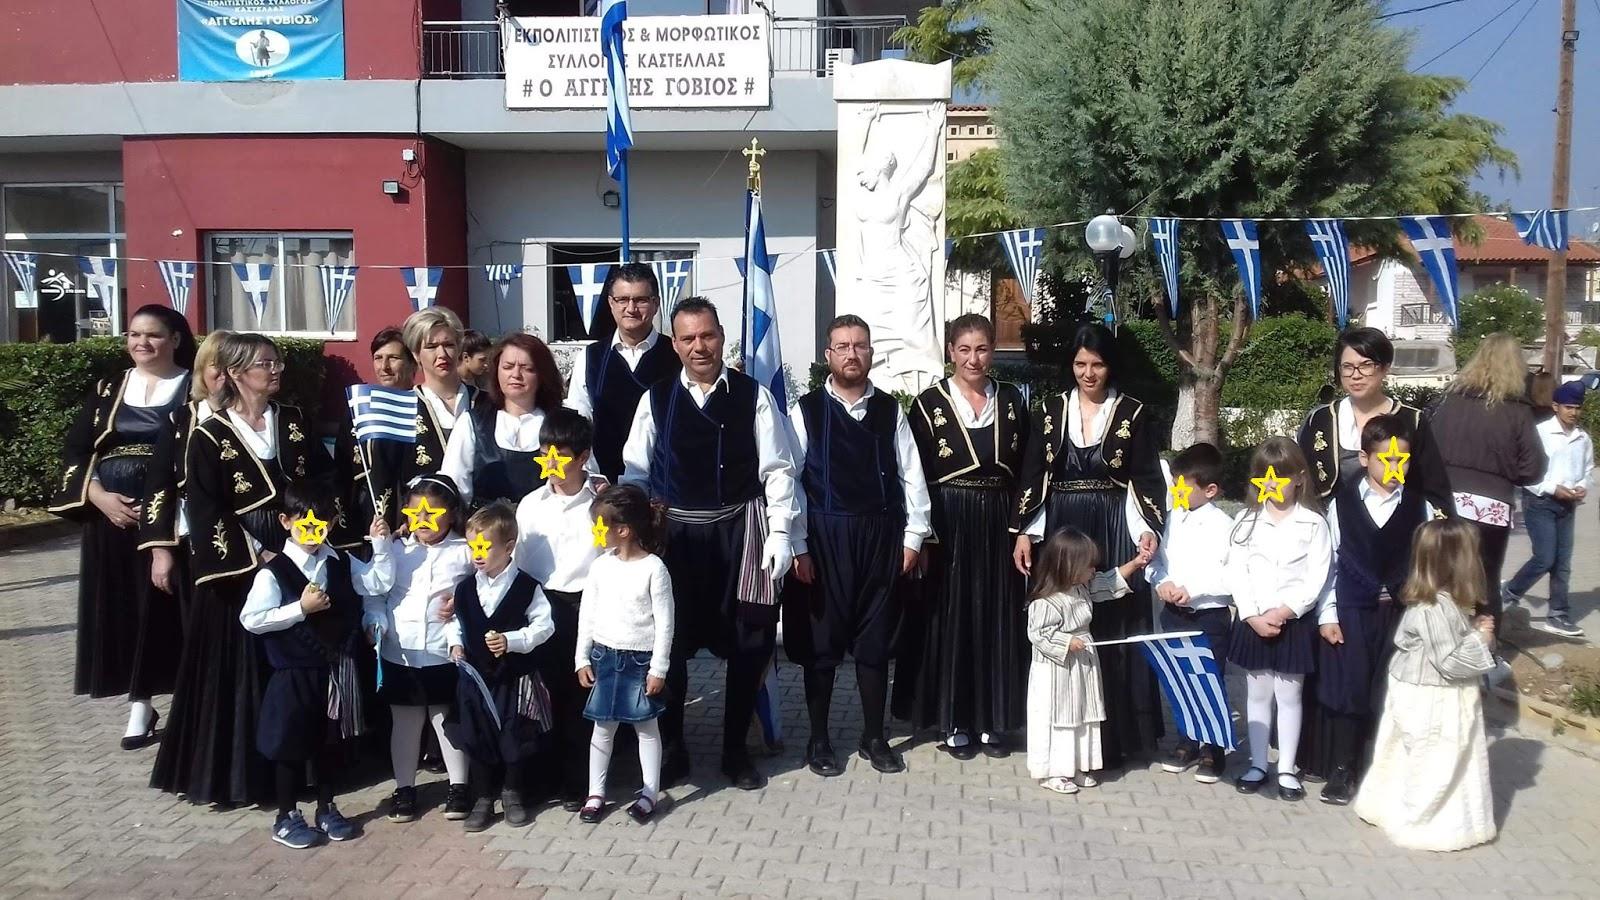 Η παρέλαση της 28ης Οκτωβρίου σε Καστέλλα και Ψαχνά (φωτό) 75388320 424620444759662 6928510863879962624 n